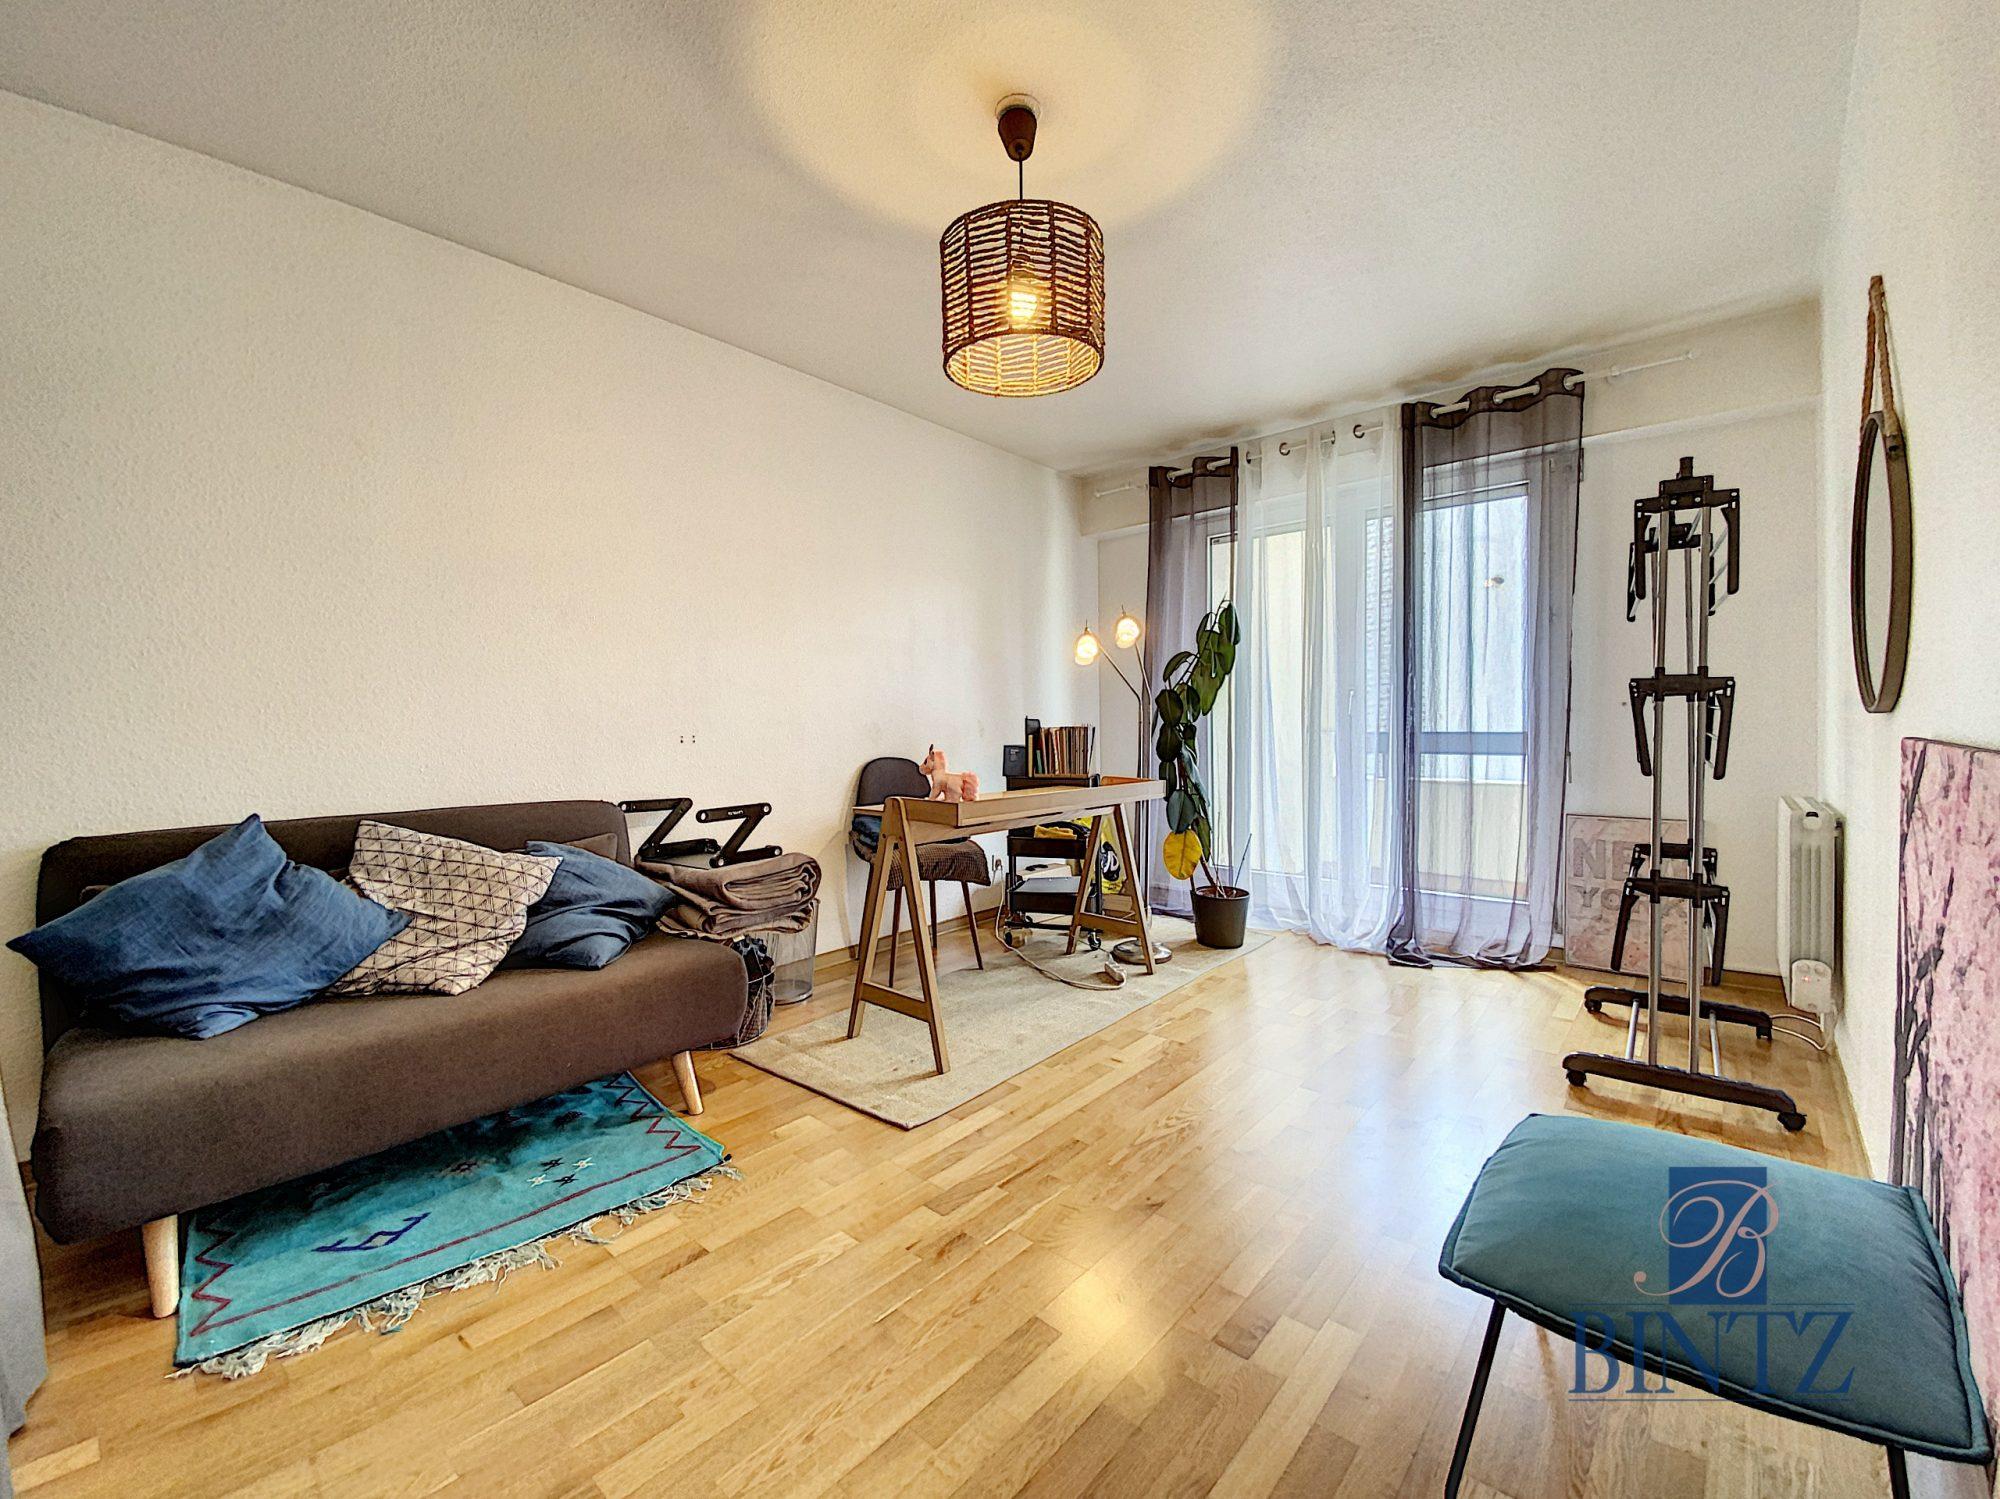 3 PIÈCES NEUSTADT AVEC GARAGE - Devenez locataire en toute sérénité - Bintz Immobilier - 12